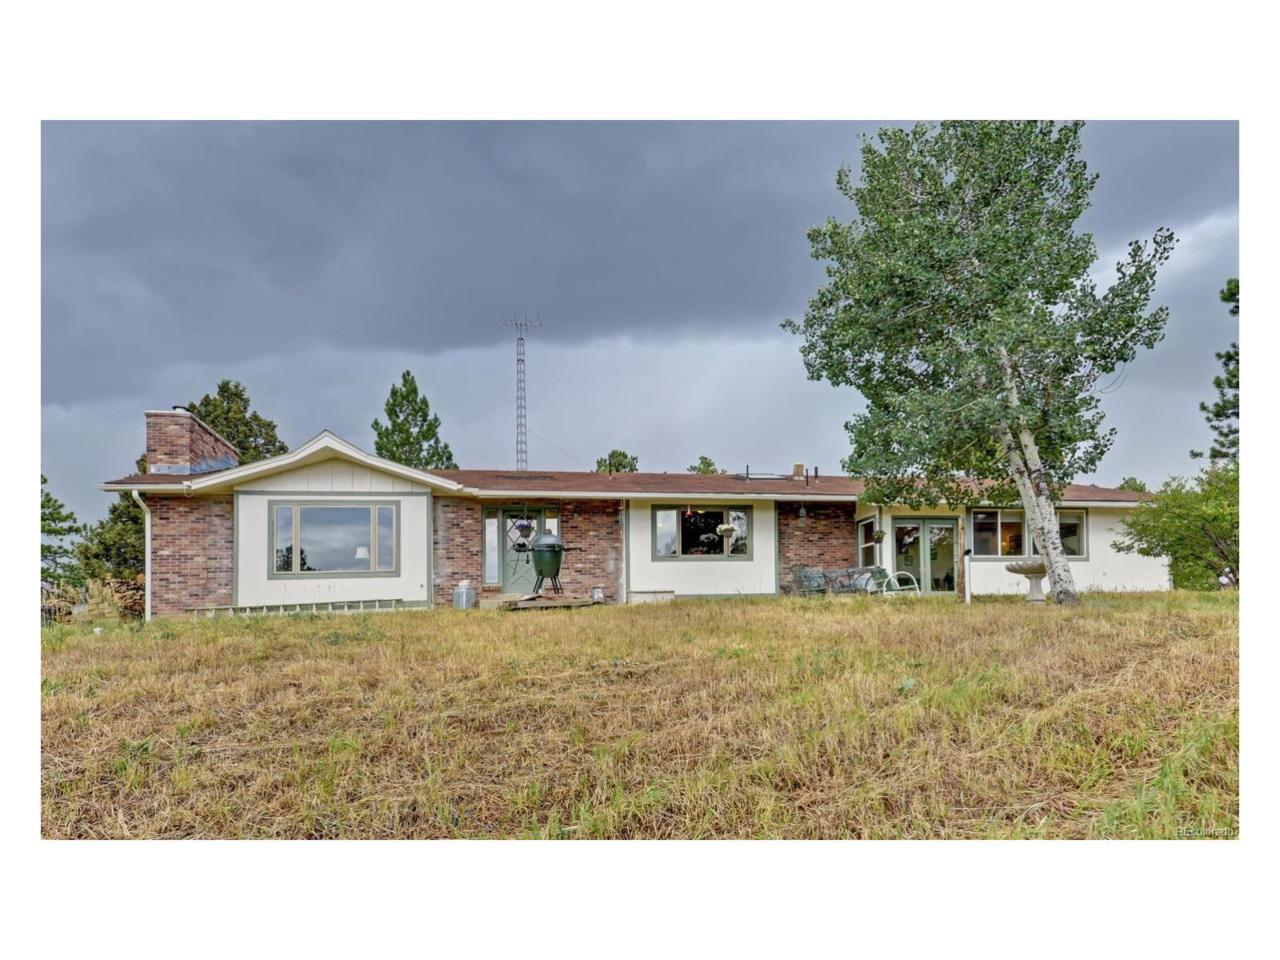 9330 S Watson Gulch Road, Littleton, CO 80127 (MLS #2900973) :: 8z Real Estate